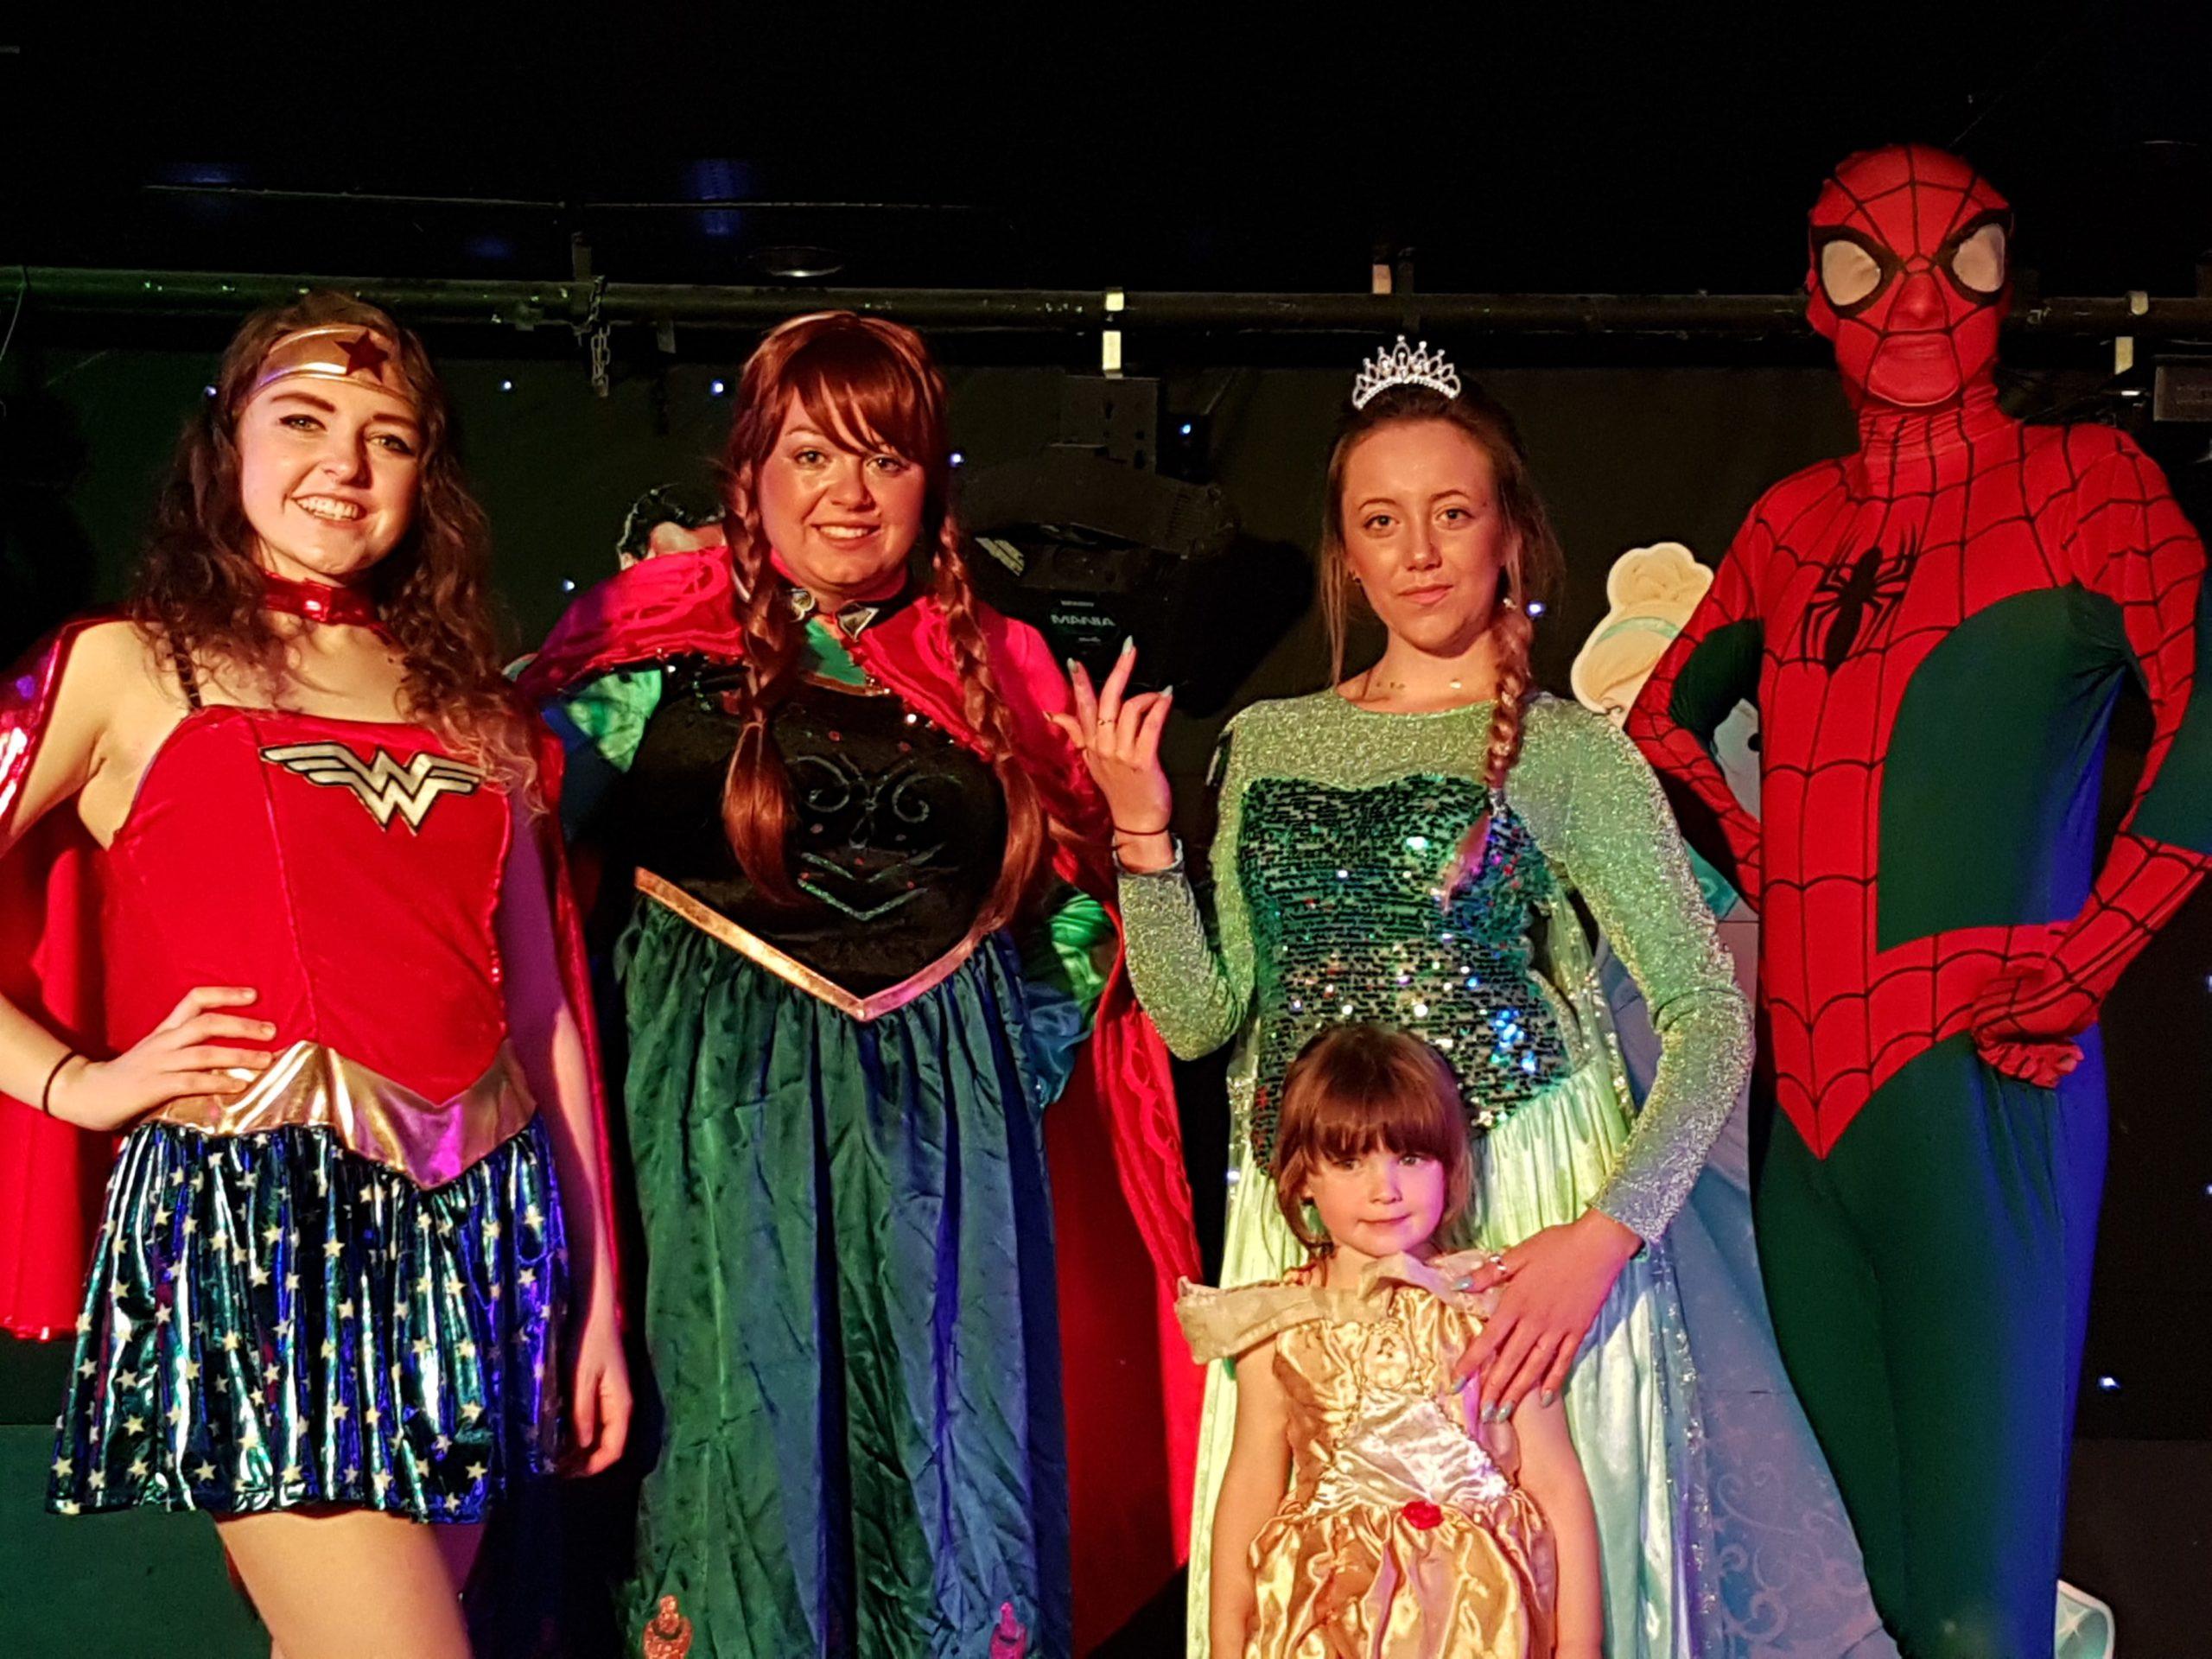 Princess and superhero night